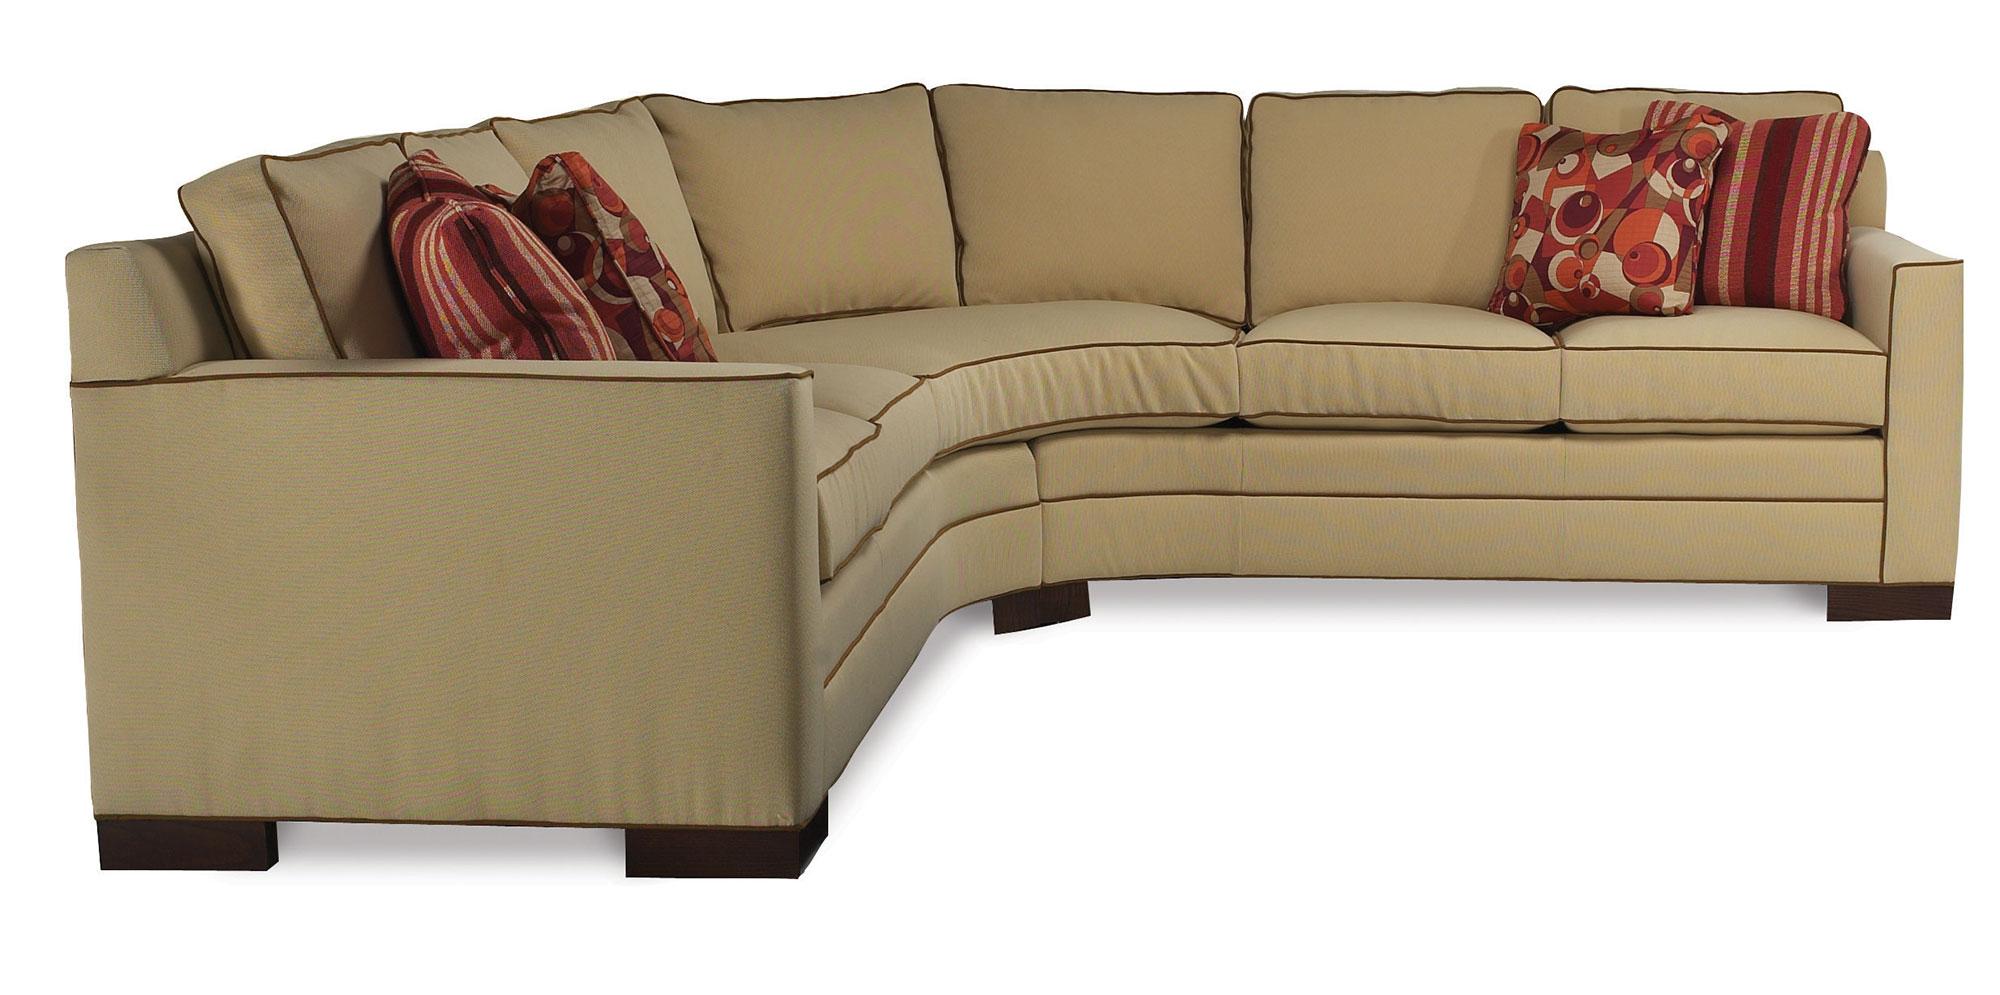 Furniture Reader Popup